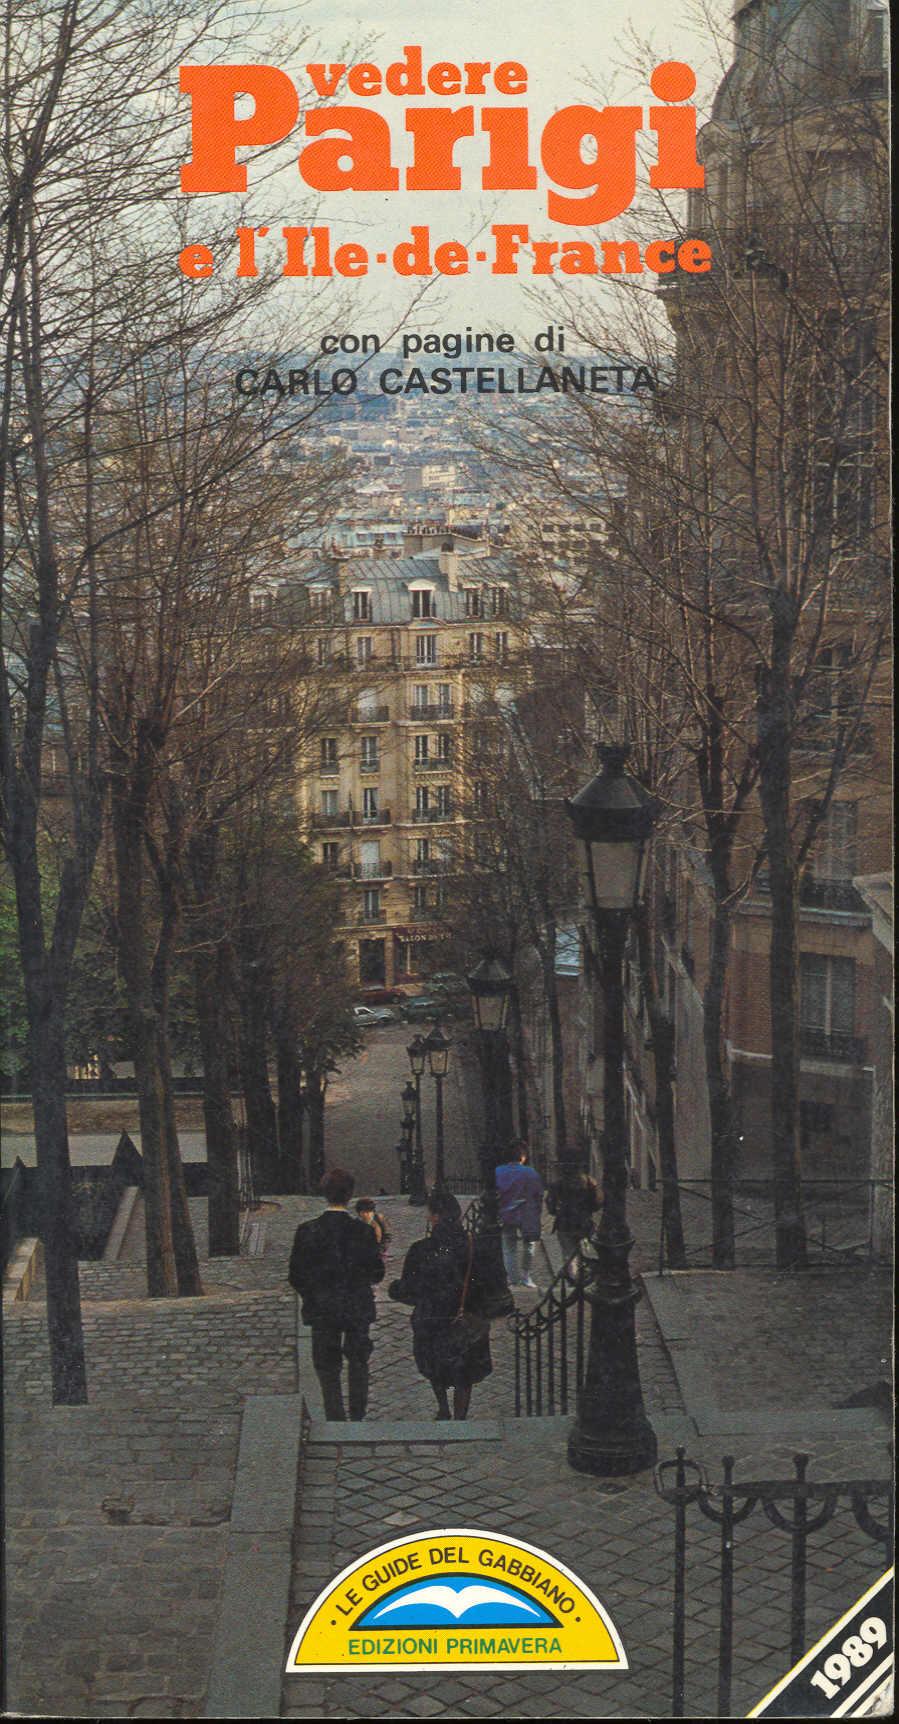 Parigi e l'ile-de-france